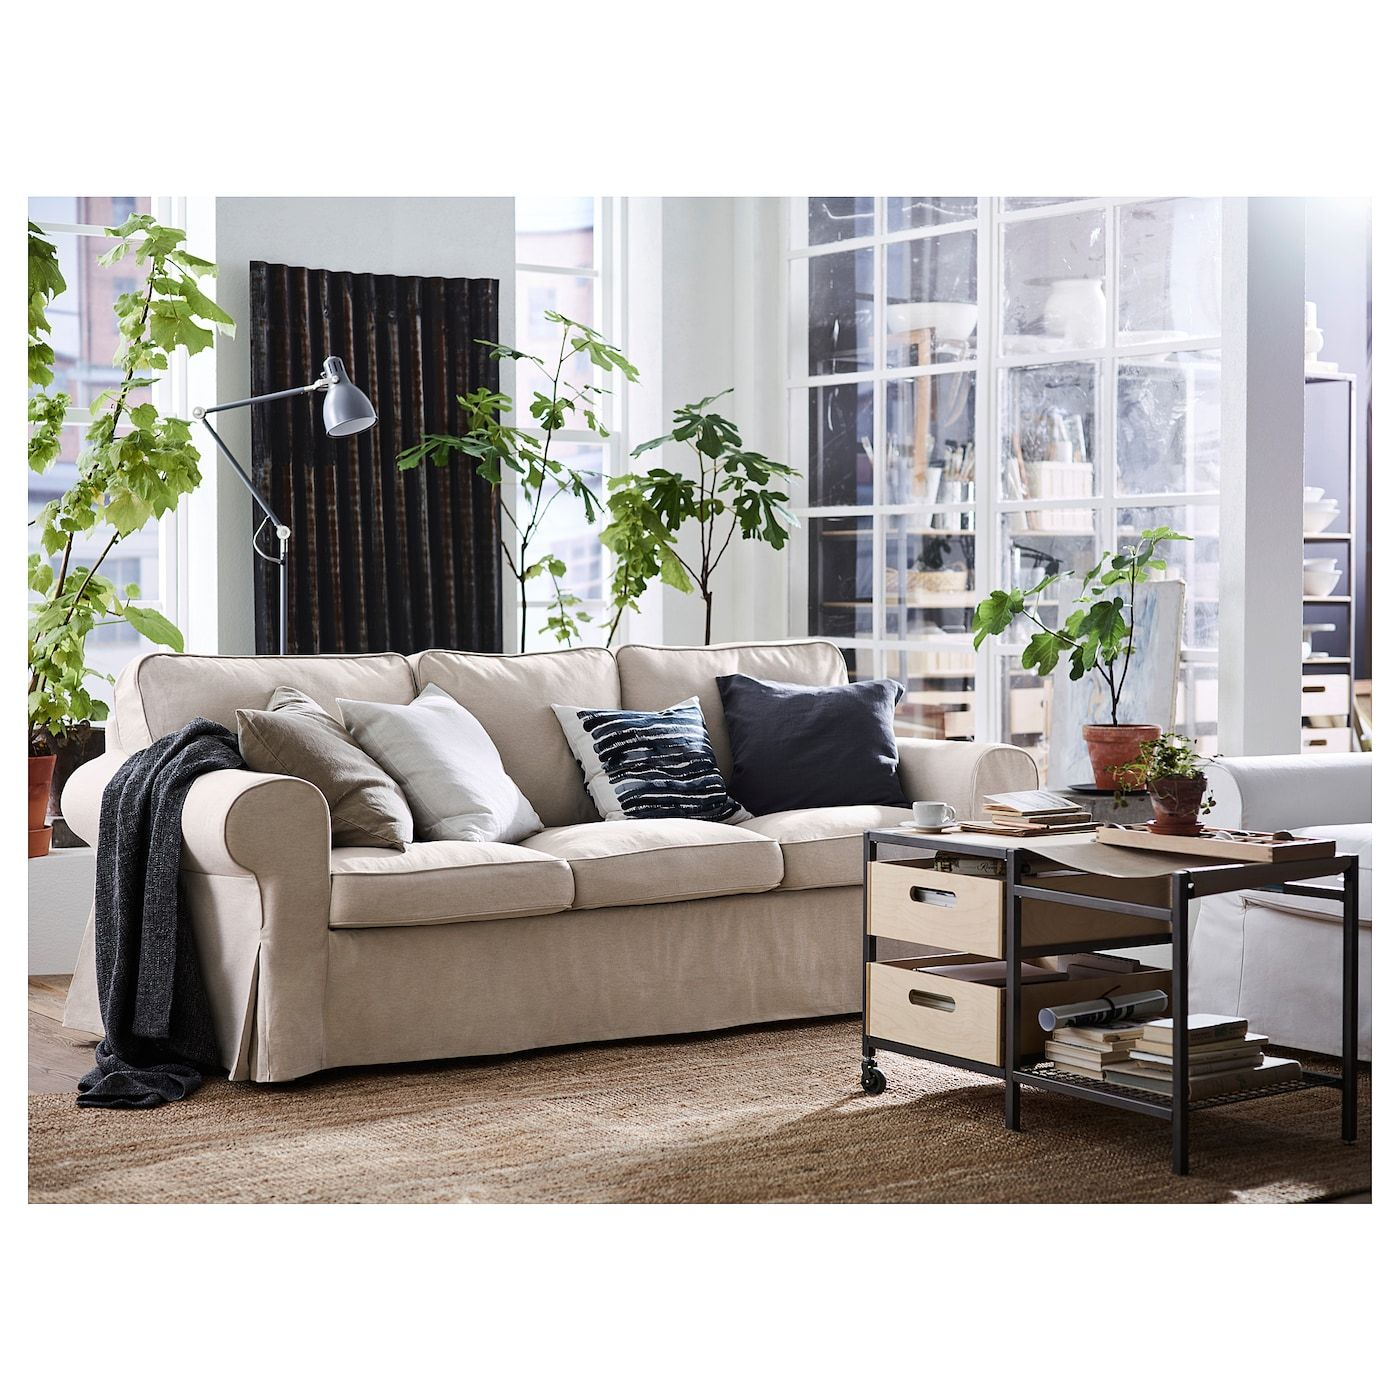 Ektorp Sofa Lofallet Beige Ikea 3er Sofa Klassisches Sofa Sofa Stoff